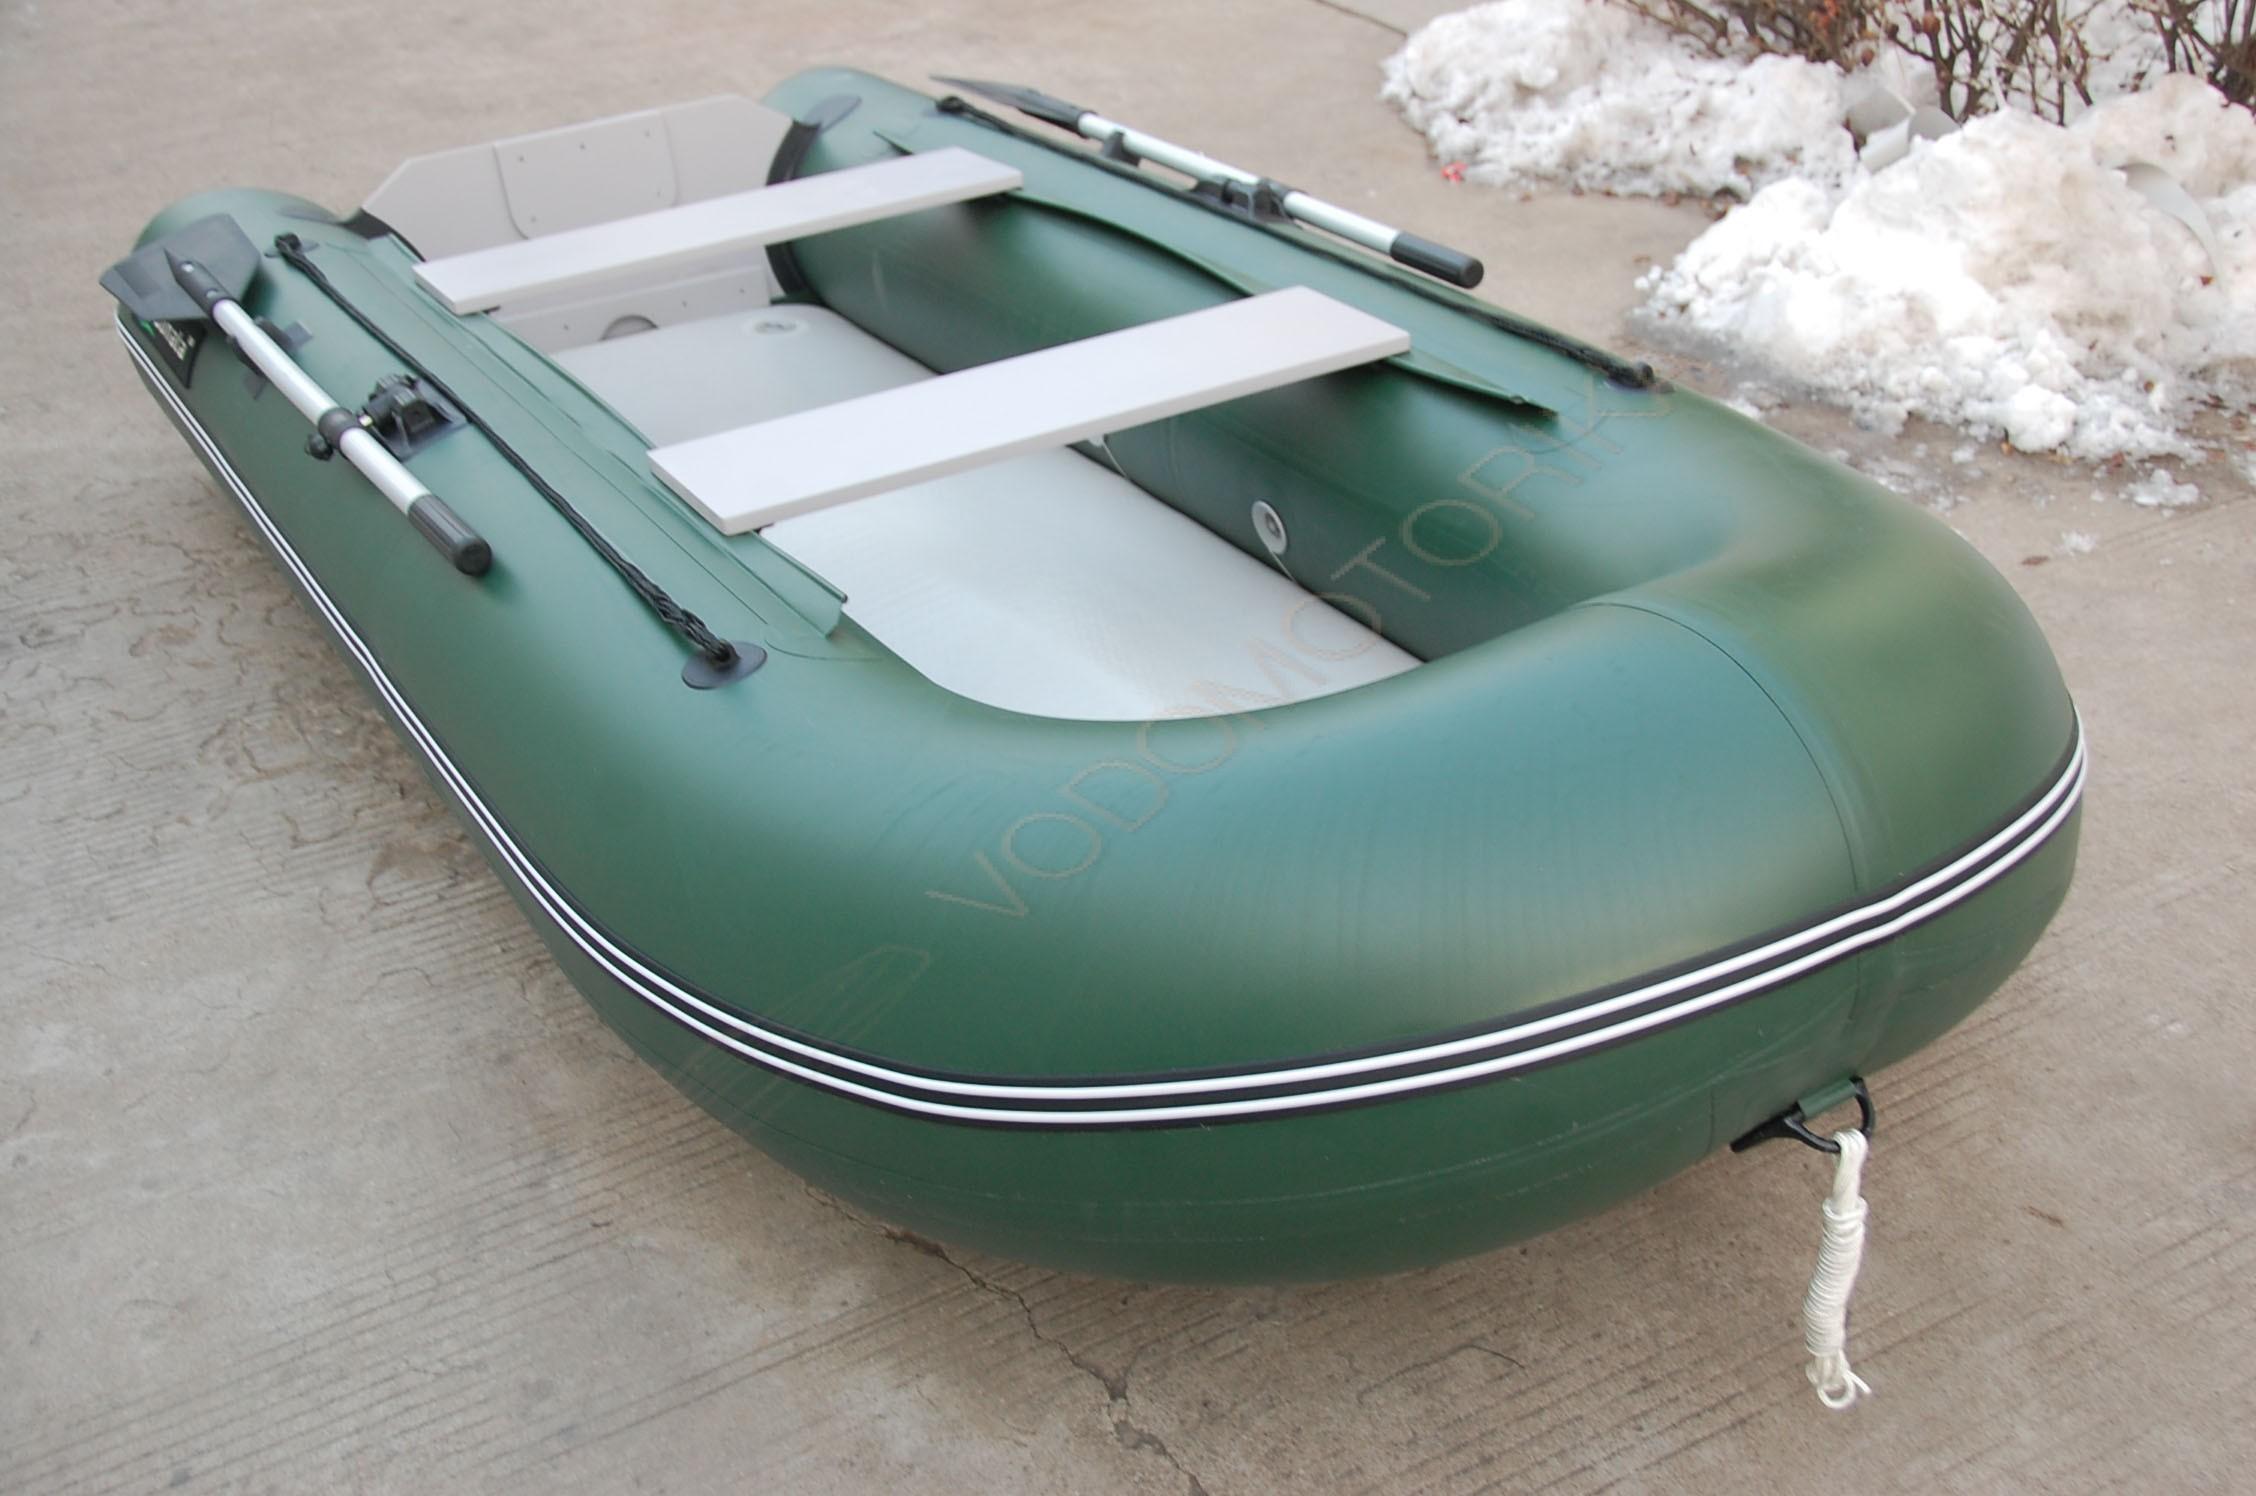 купить лодку пвх соната в волгограде